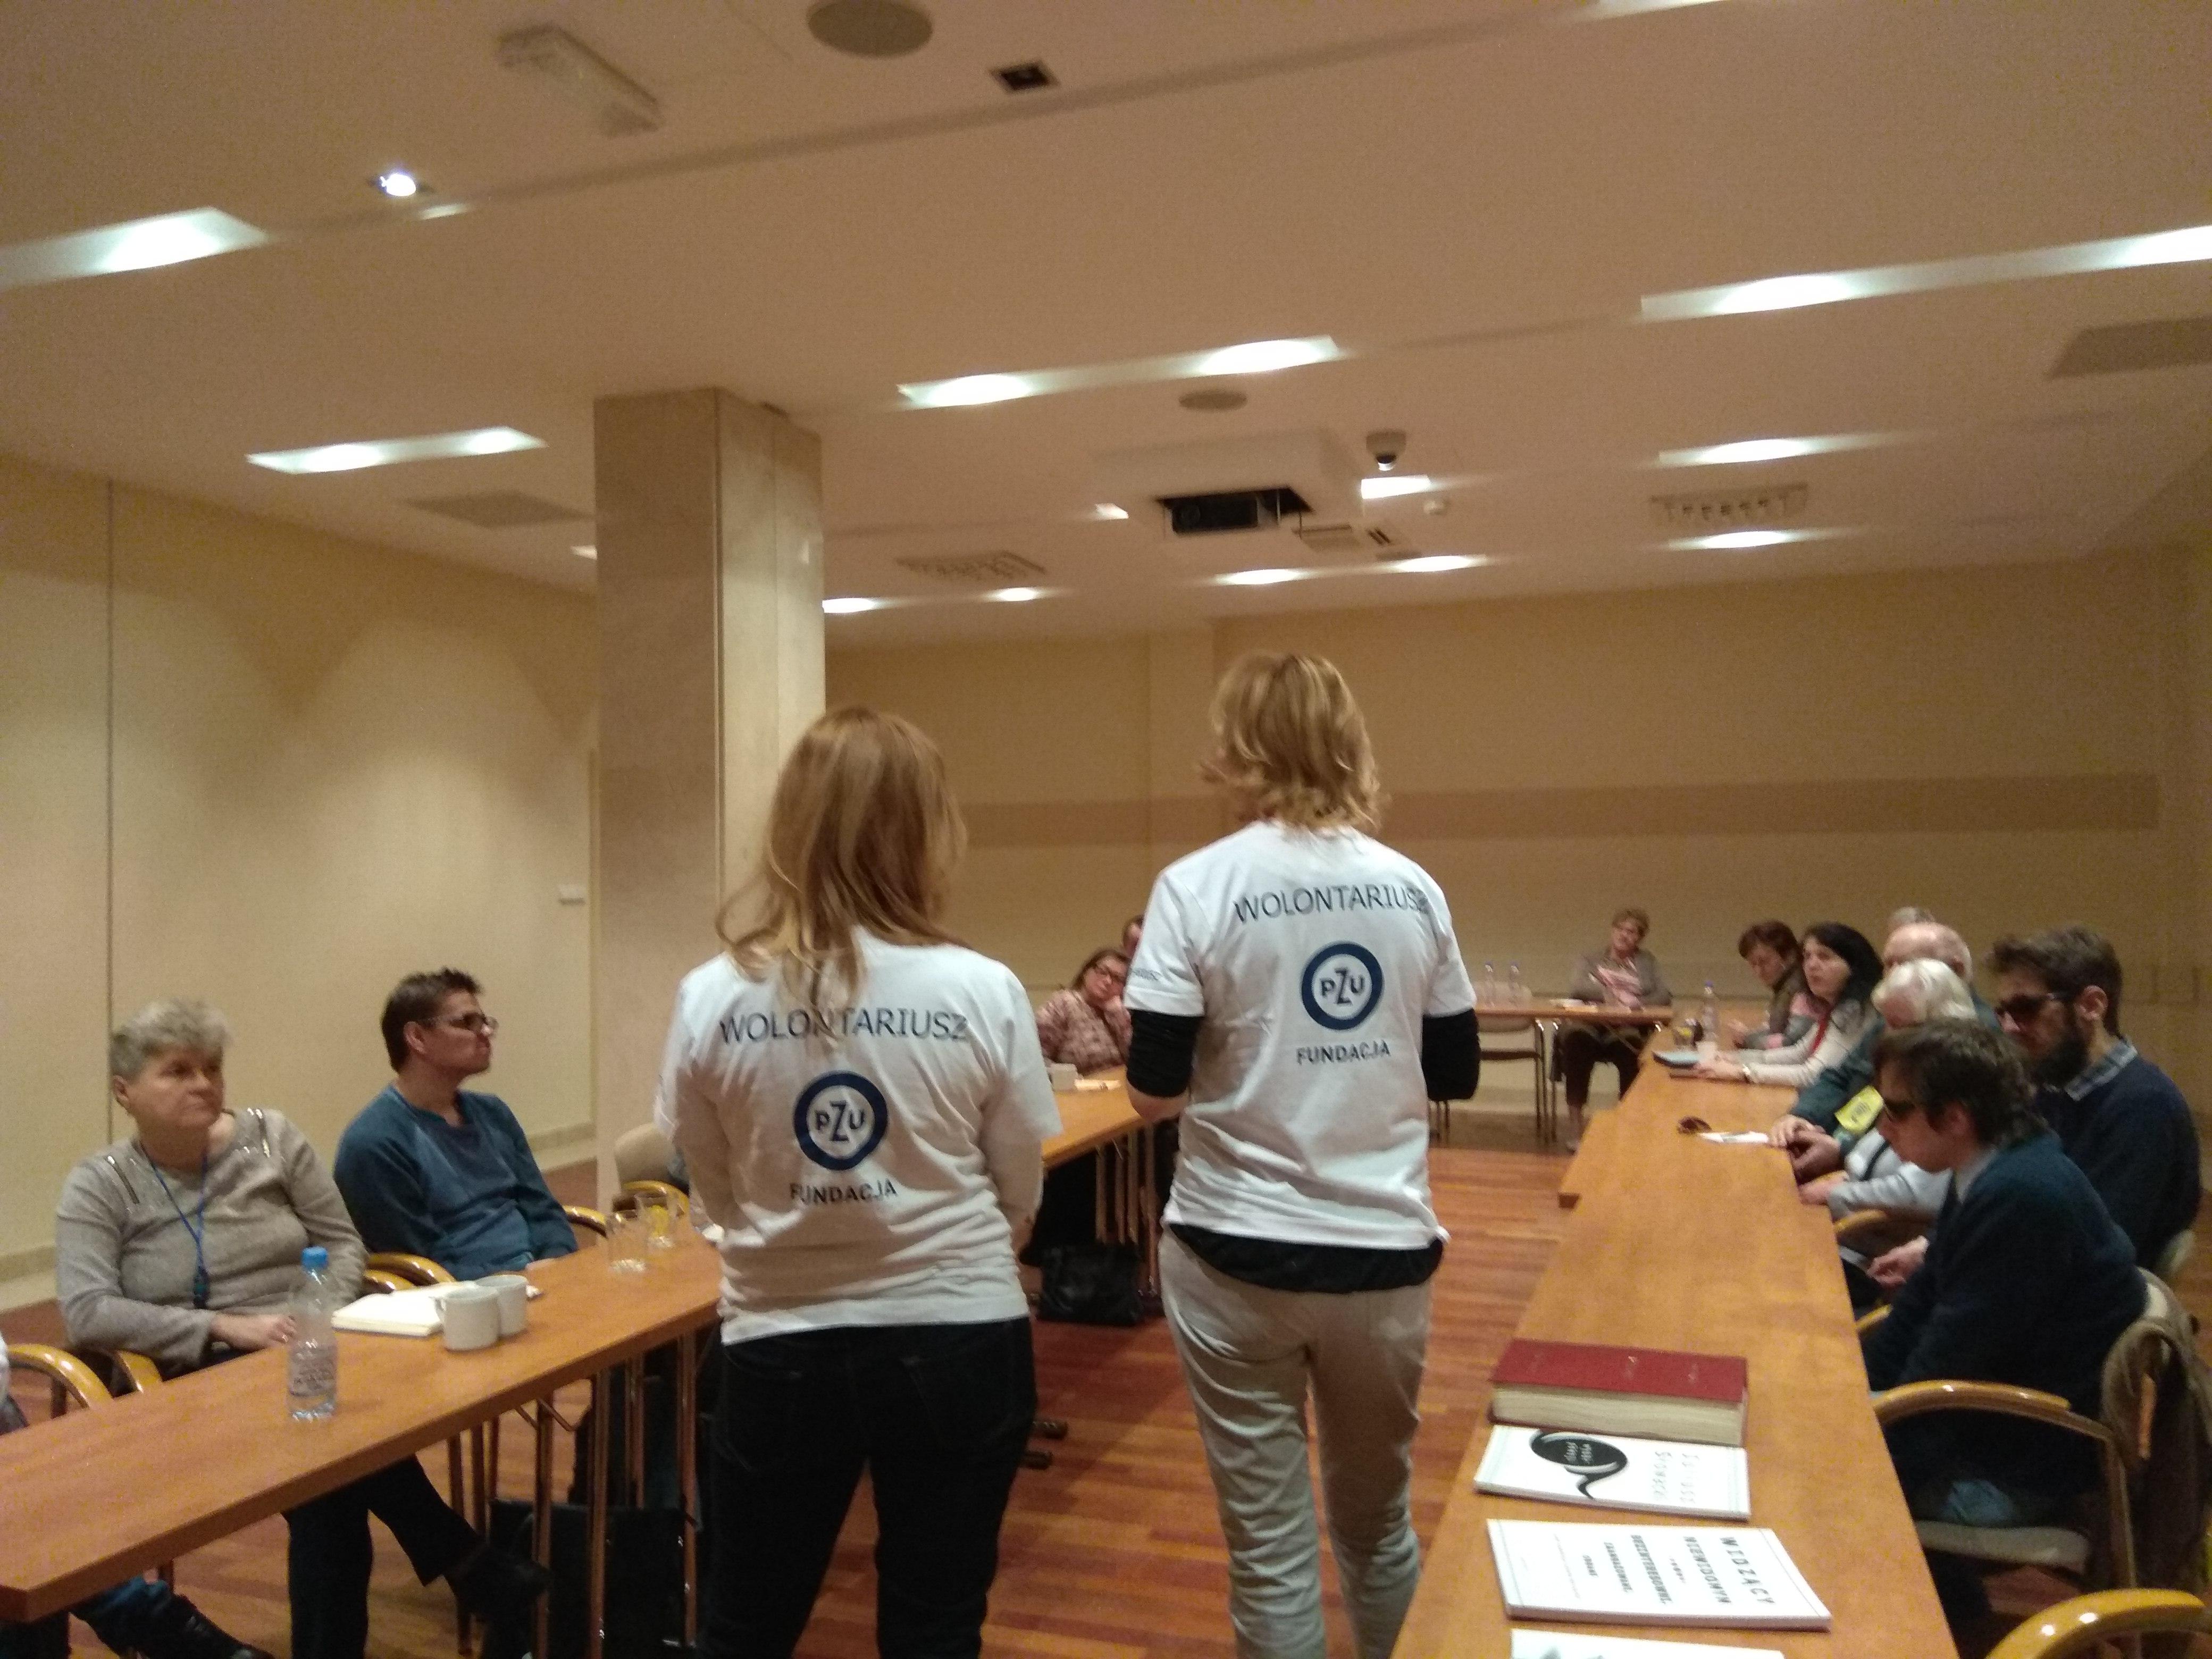 W jasnej przestrzeni sali konferencyjnej widoczni uczestnicy zjazdu siedzący po bokach sali, a w środku między stołami stojące dwie panie, obie blondynki,  w białych koszulkach widziane od tyłu, na koszulkach logo Fundacji PZU, jej nazwa i napis Wolontariusz.